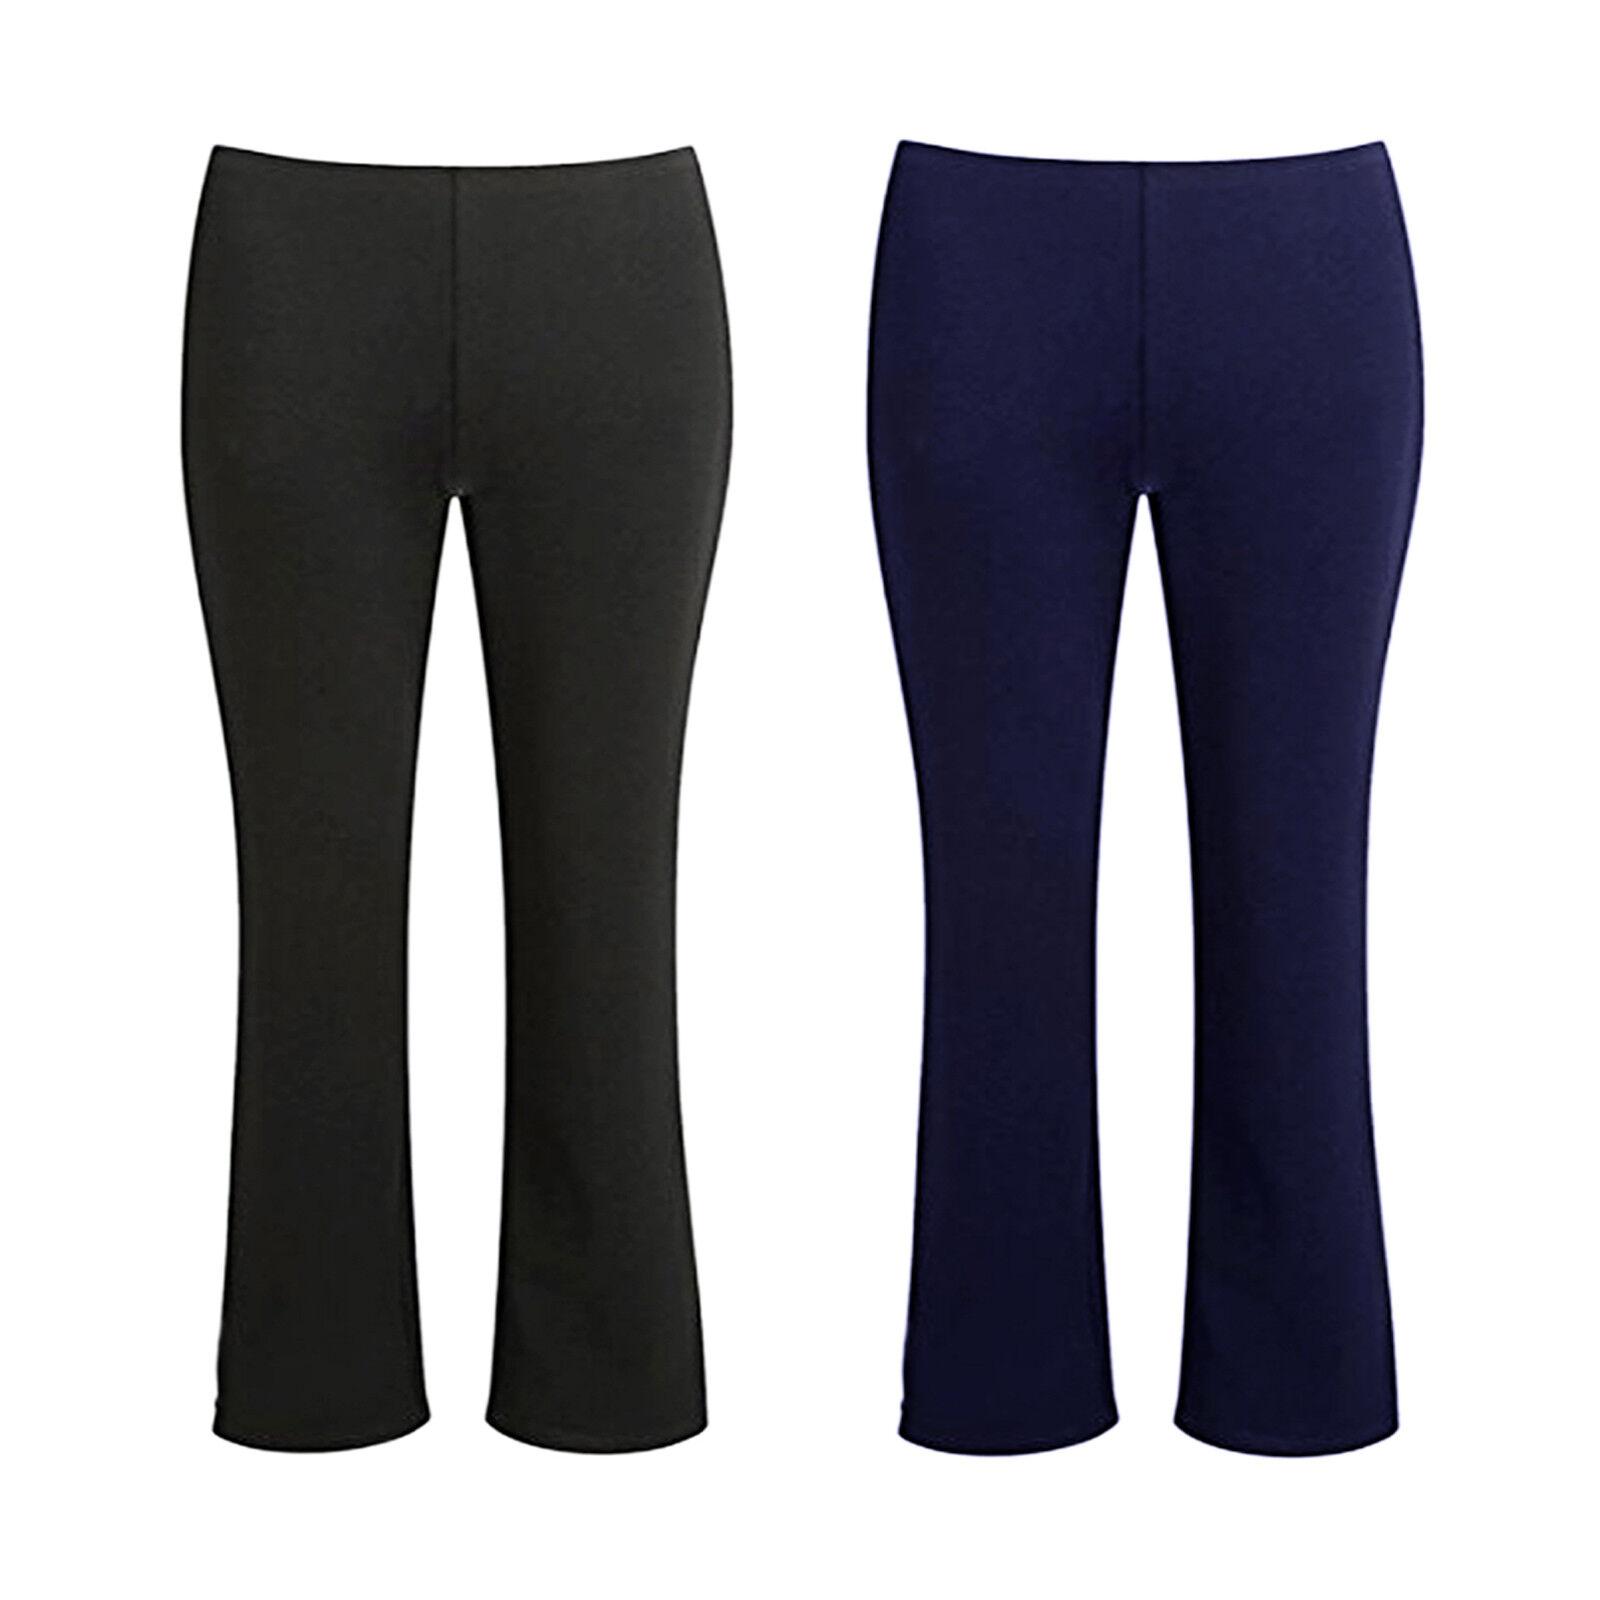 Walker /& HAWKES-Cotone PARAFFINATO su Countrywear Da Passeggio Pesca Pantaloni-Oliva